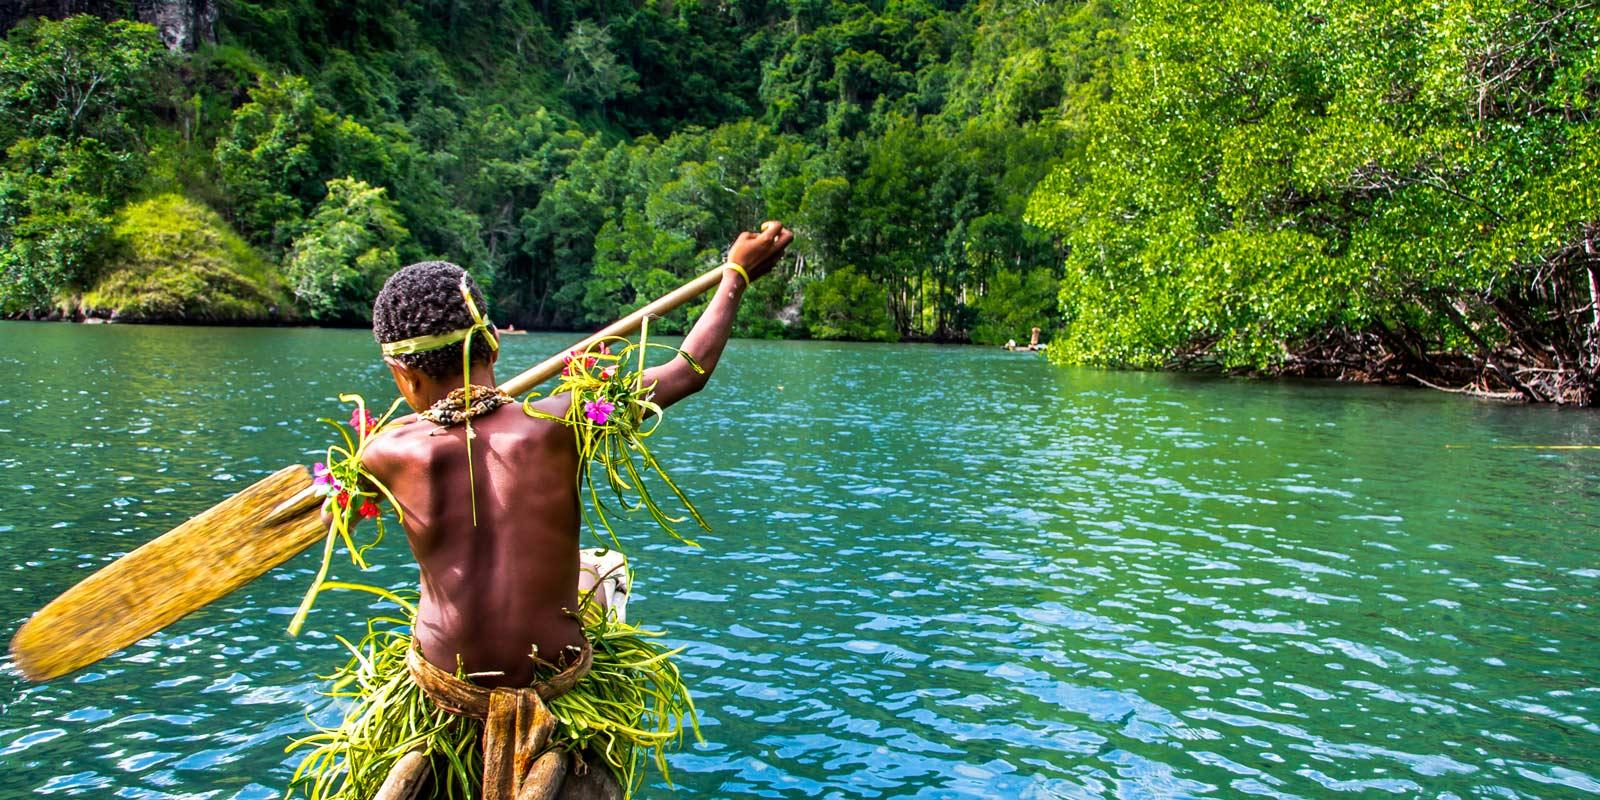 Pojke paddlar traditionell kanot i grönskande omgivningar Papua Nya Guinea.